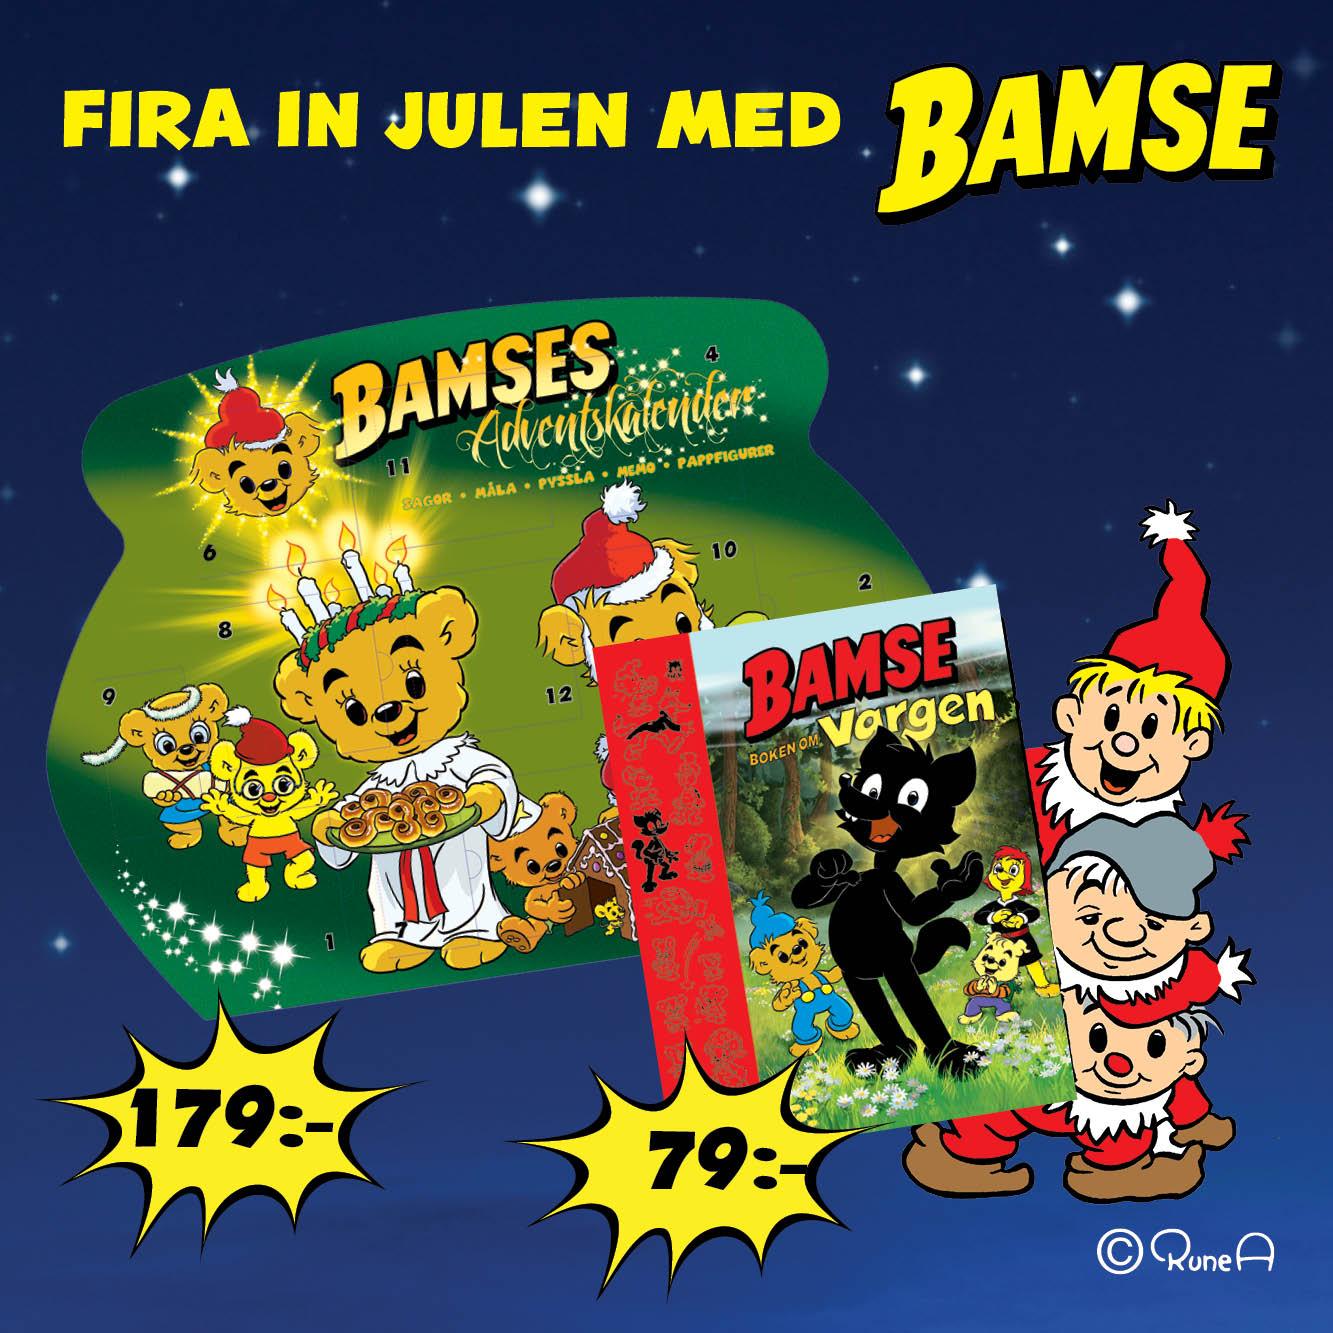 Fira in julen med Bamse